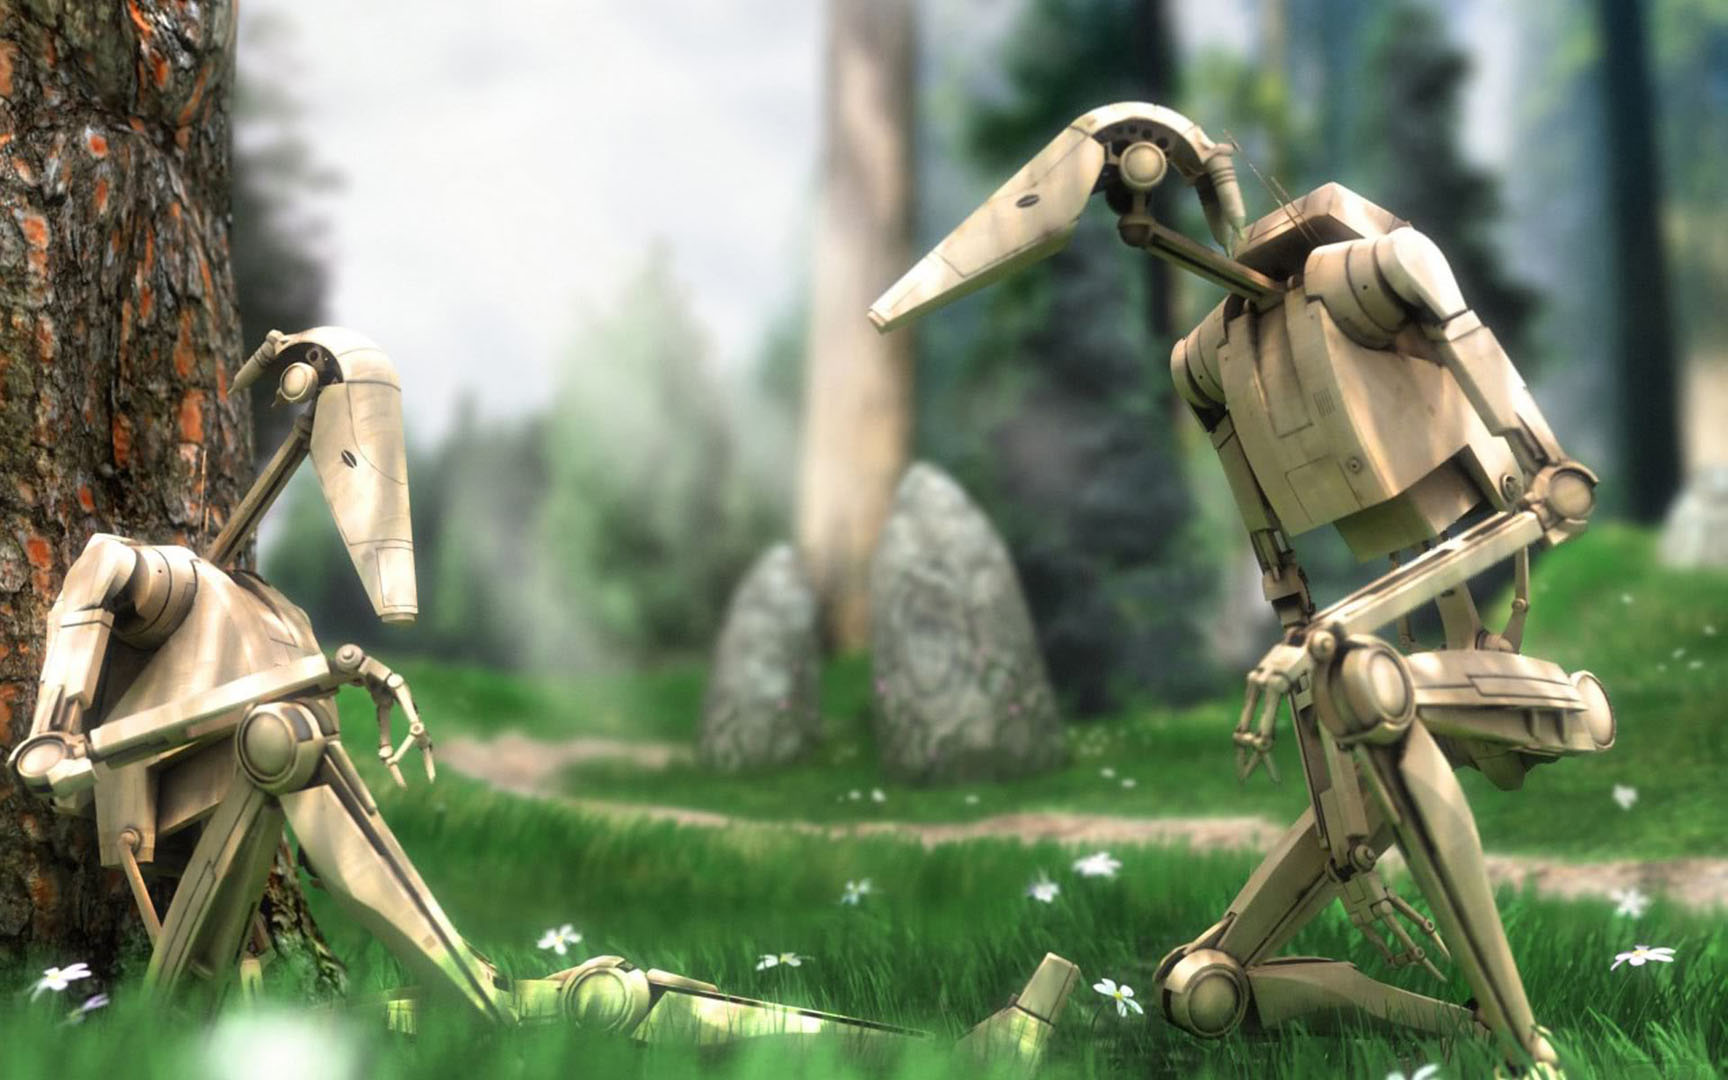 Battle Droids